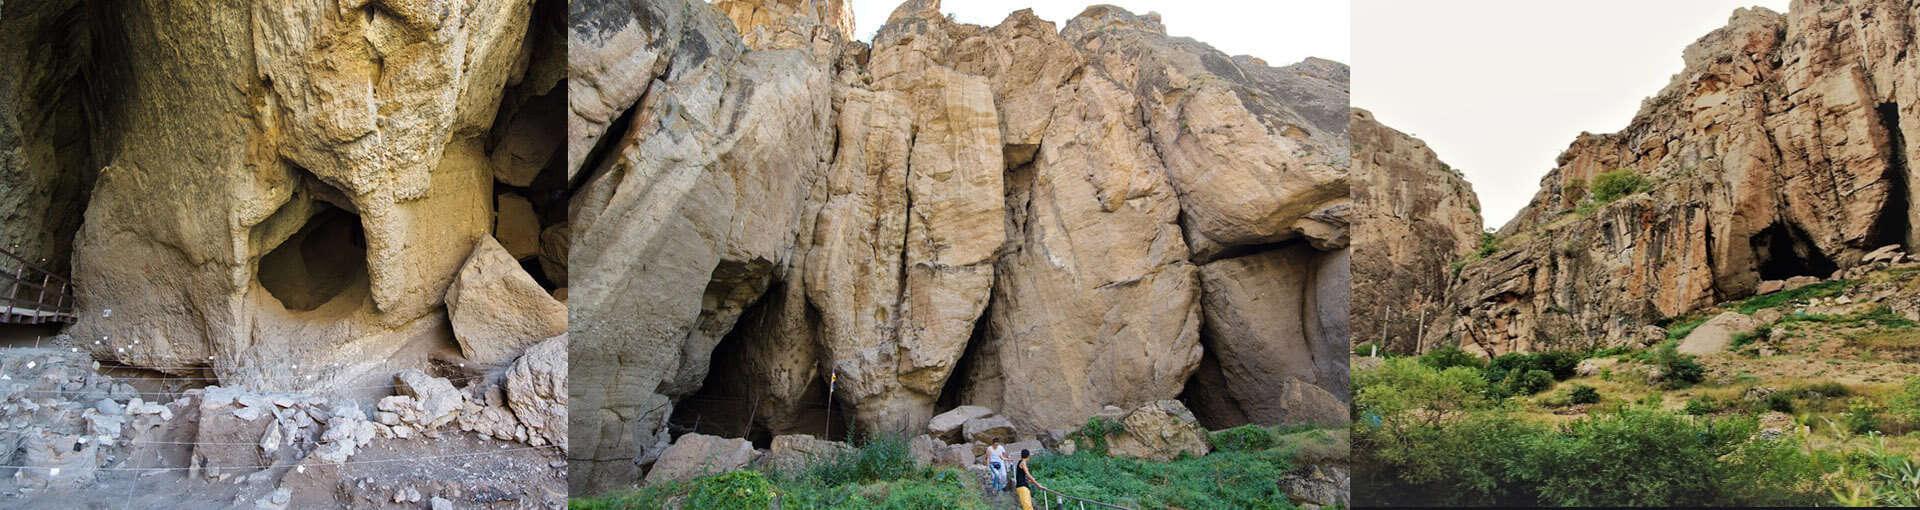 Загадочная «Птичья пещера», самая старая винодельня и обувь в мире